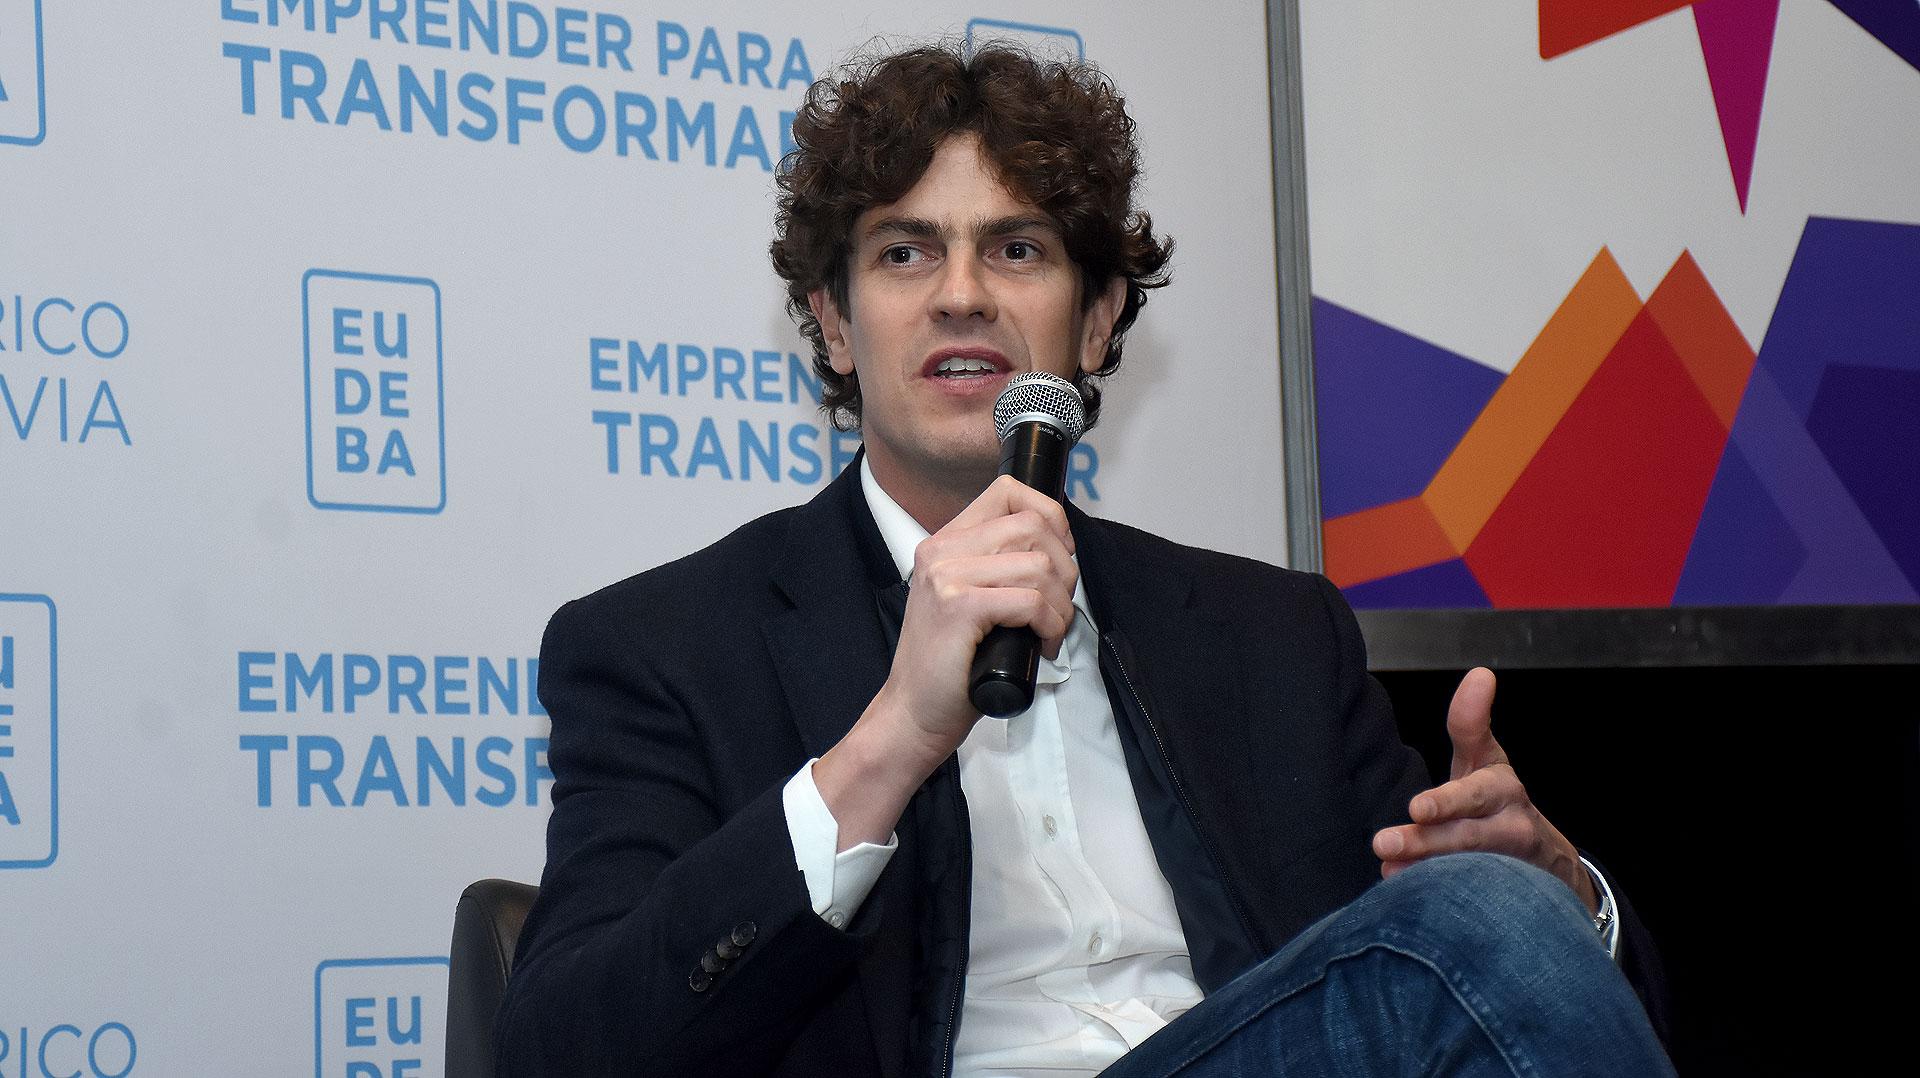 Los rulos voluptuosos y despeinados son el sello característico del candidato Martín Lousteau (Nicolás Stulberg)